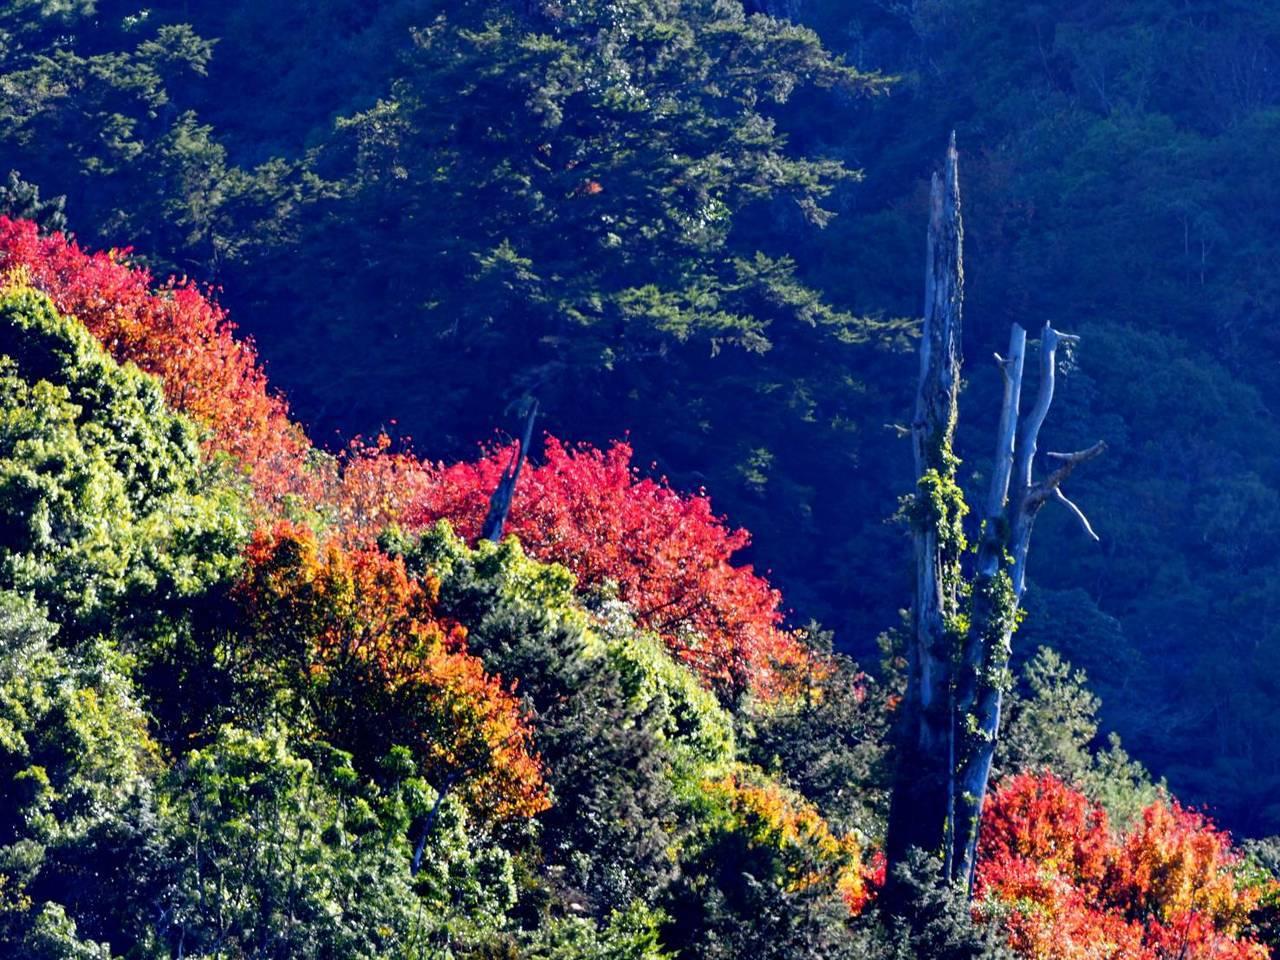 新中橫的紅榨槭楓葉為青翠山巒間染上一抹楓紅,美景如畫。圖/印莉敏提供